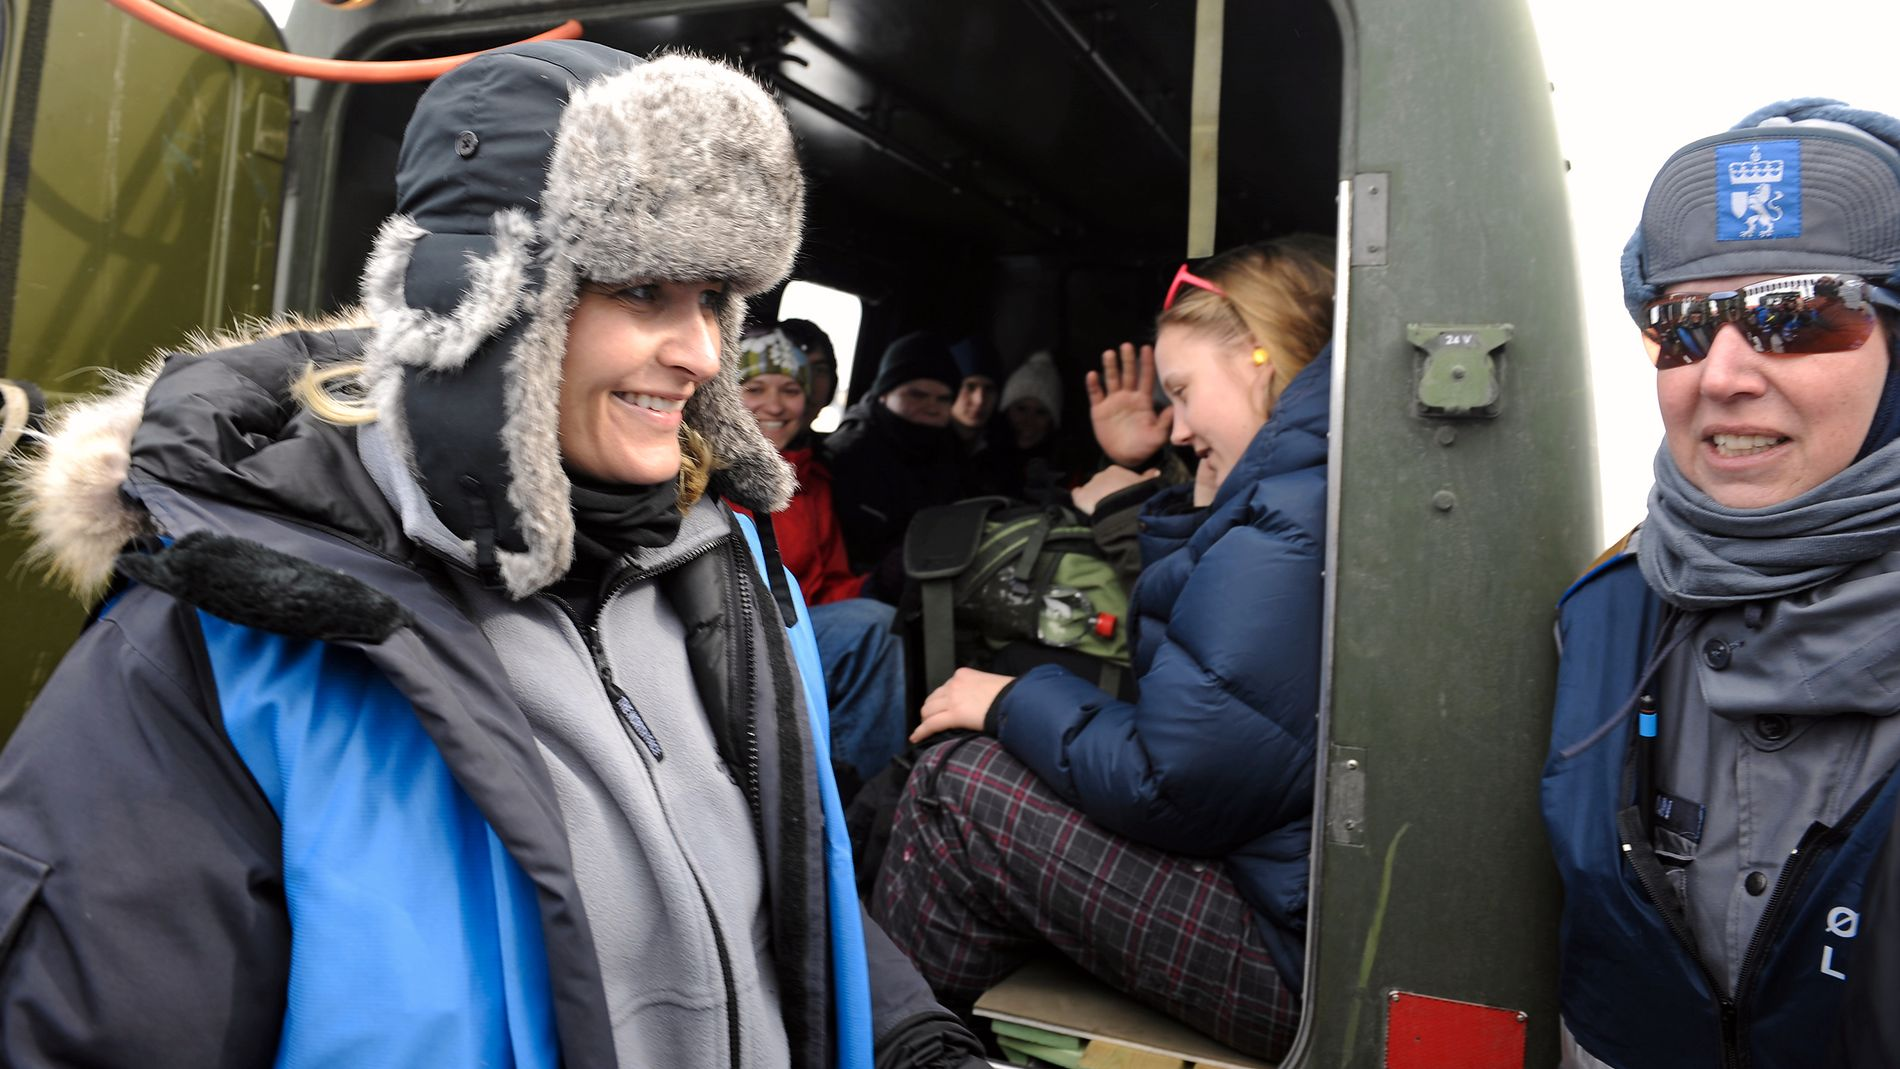 METTE MARIT PÅ BESØK. Den store øvelsen på Vikafjellet fikk besøk av kronprinsessen. Sivilforsvarssjef Bollmann til høyre. (FOTO: Marit Hommedal)